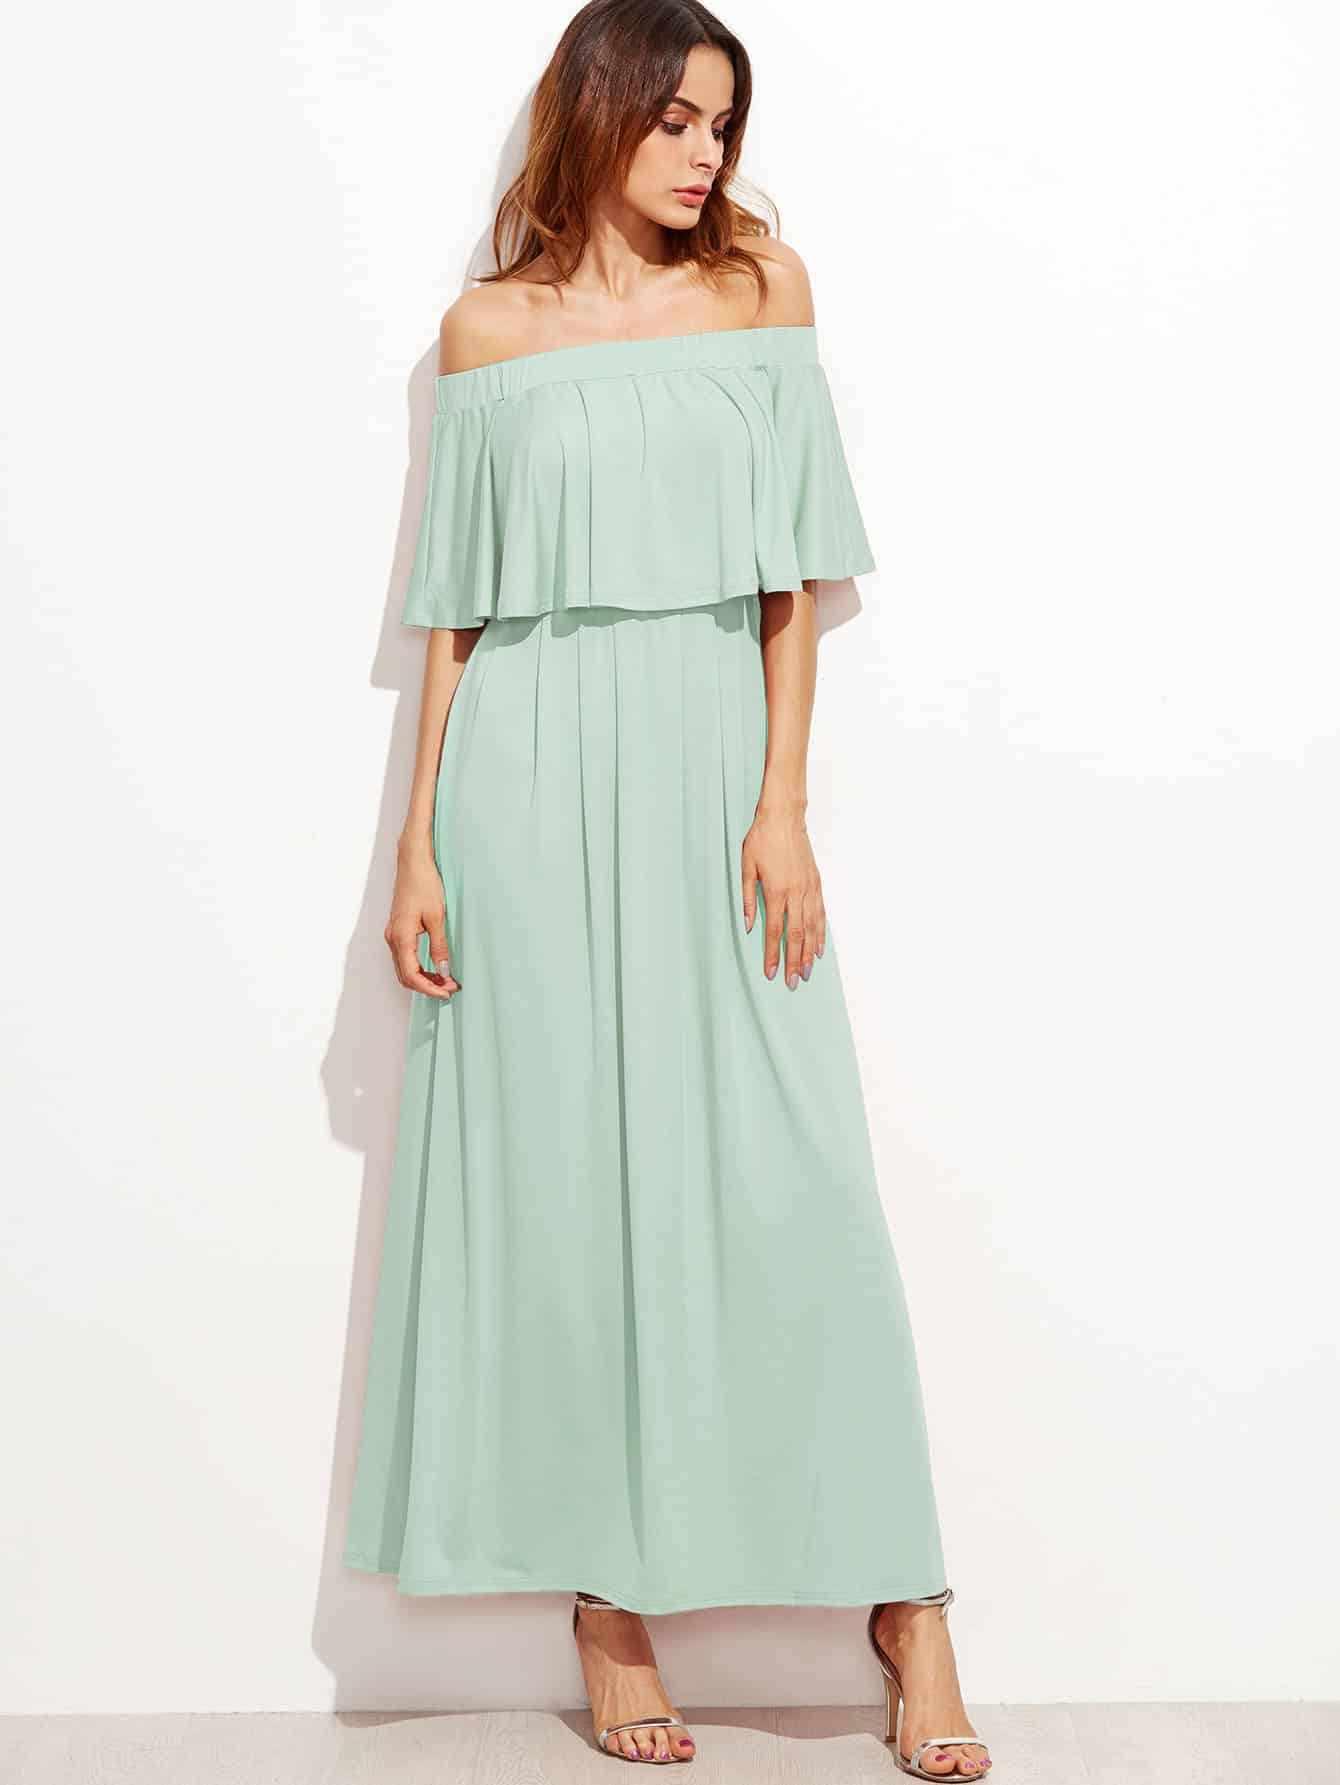 off the shoulder mint dress